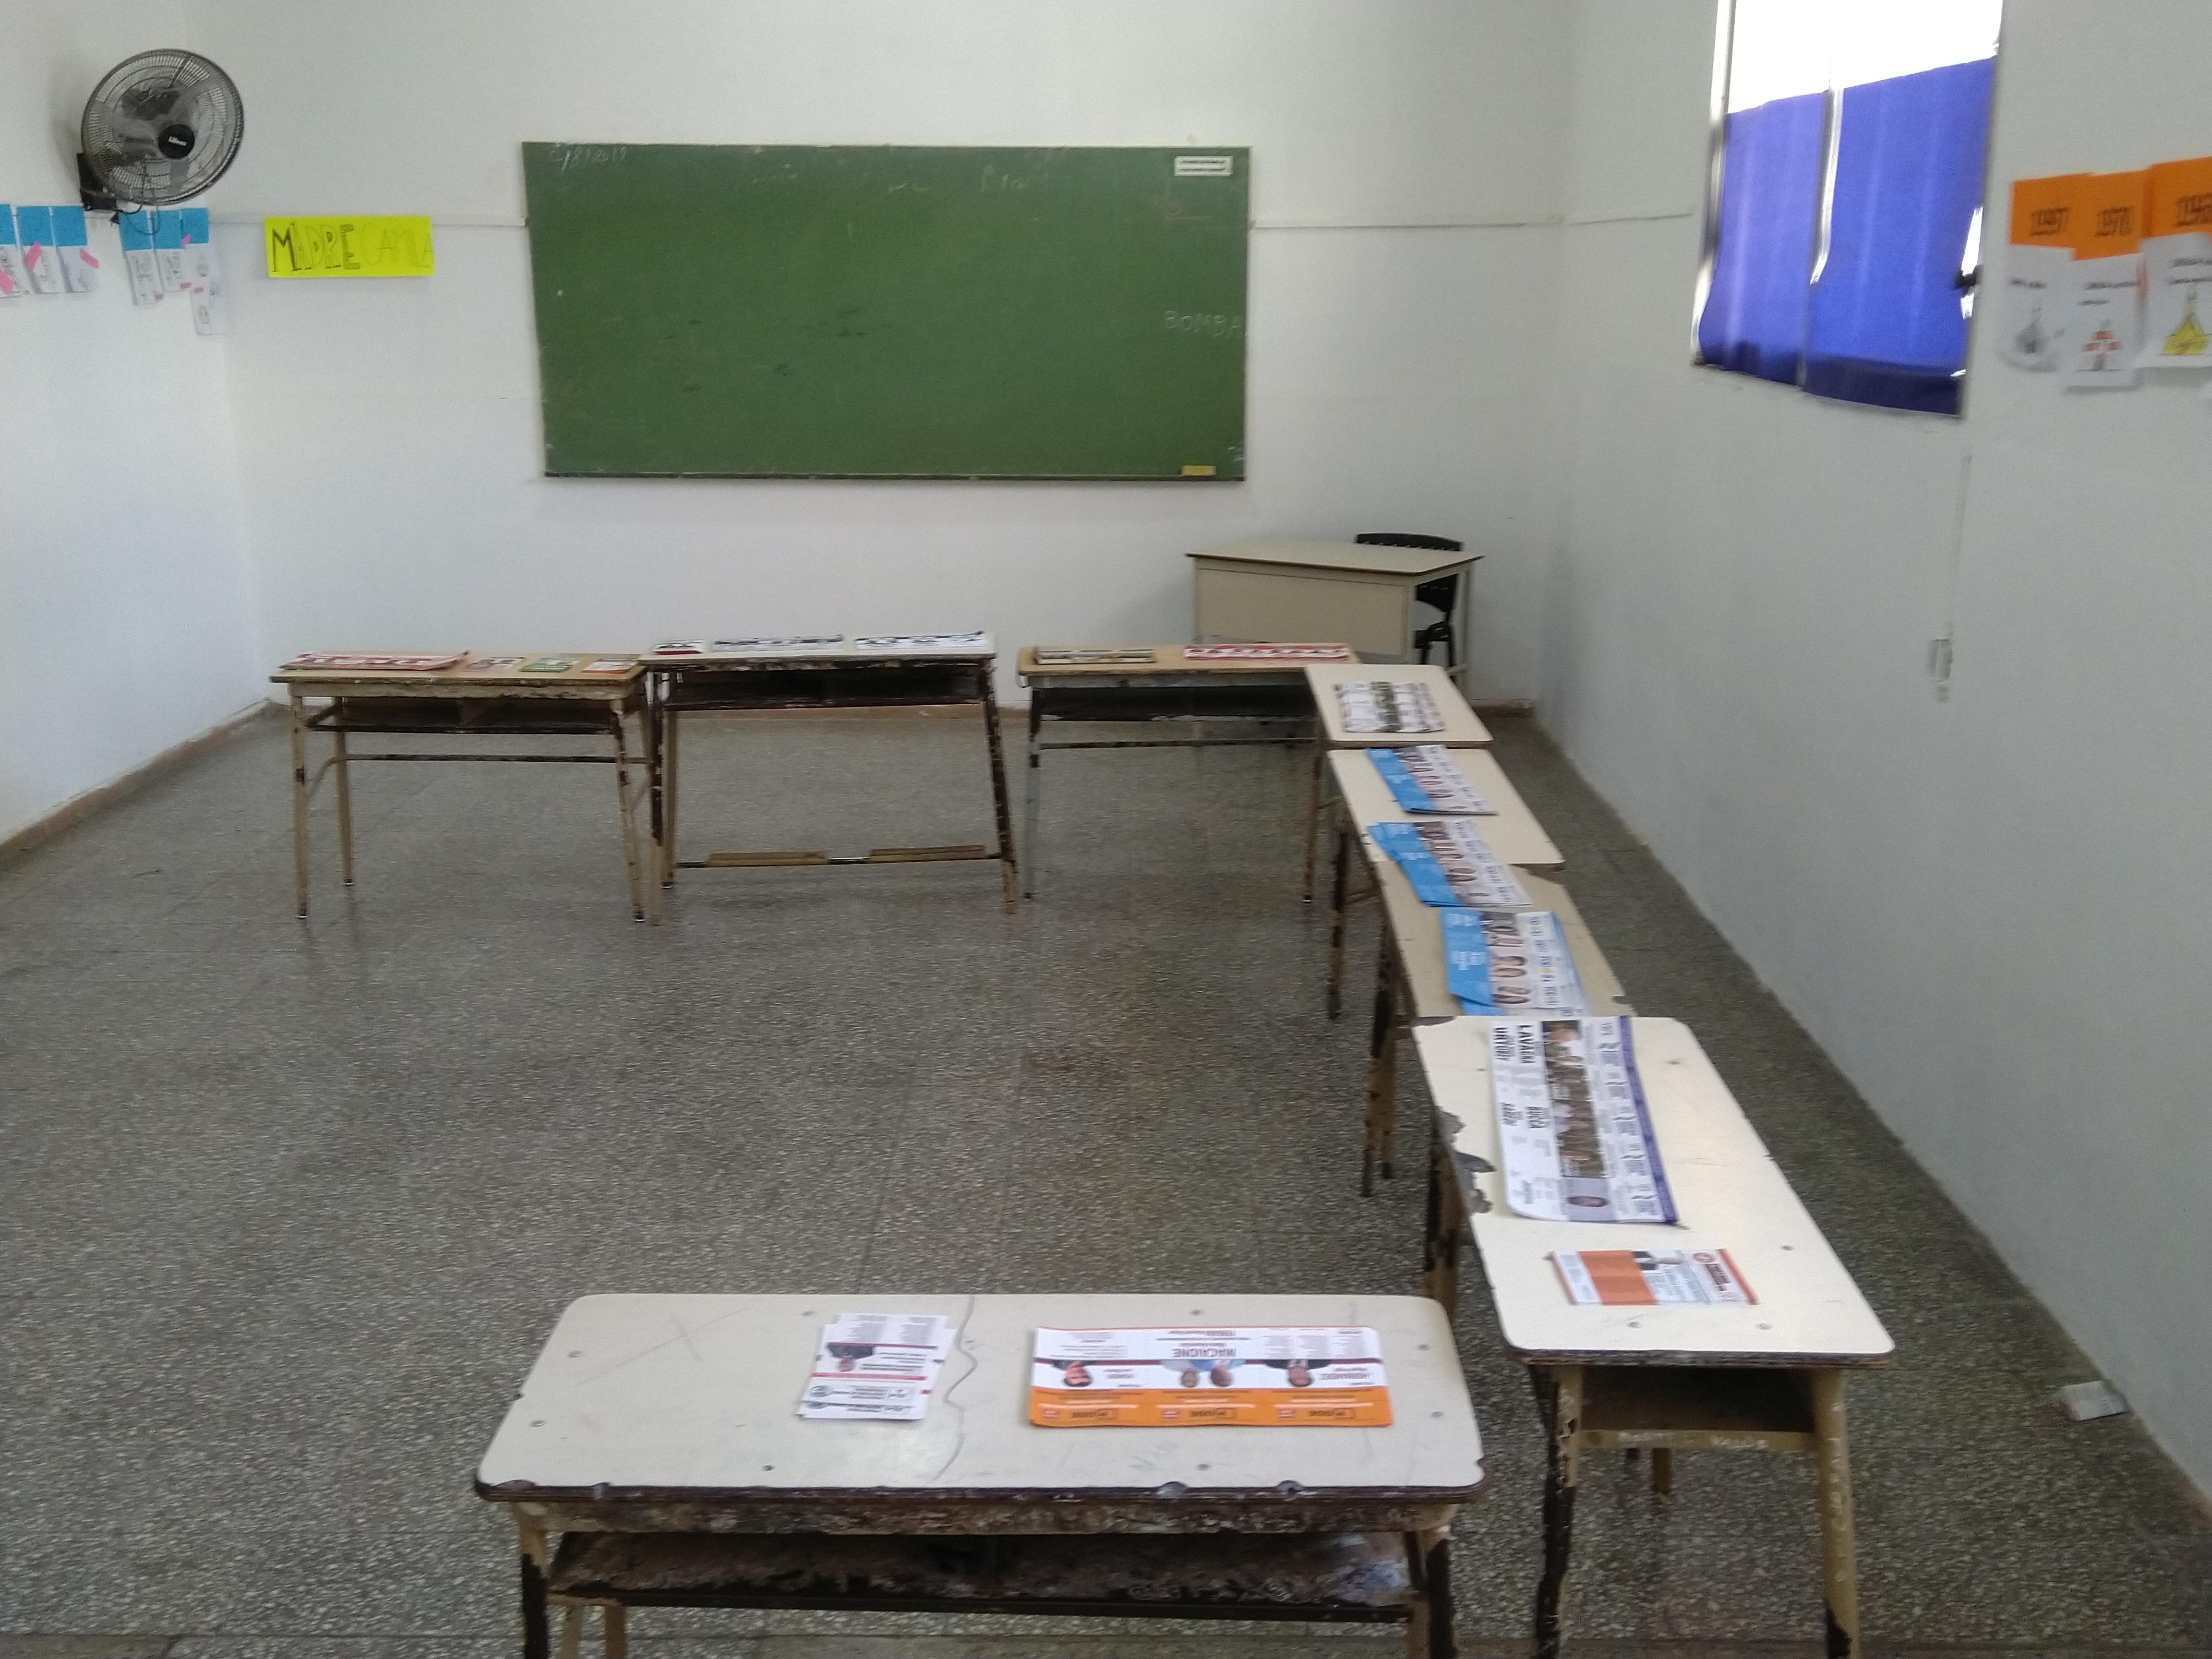 En una recorrida por las instituciones educativas que funcionan en Rojas como lugares de votación, se pudo establecer que alrededor de las 14 horas un promedio de alrededor del 55 al 60 % de ciudadanos que ya han emitido su voto.